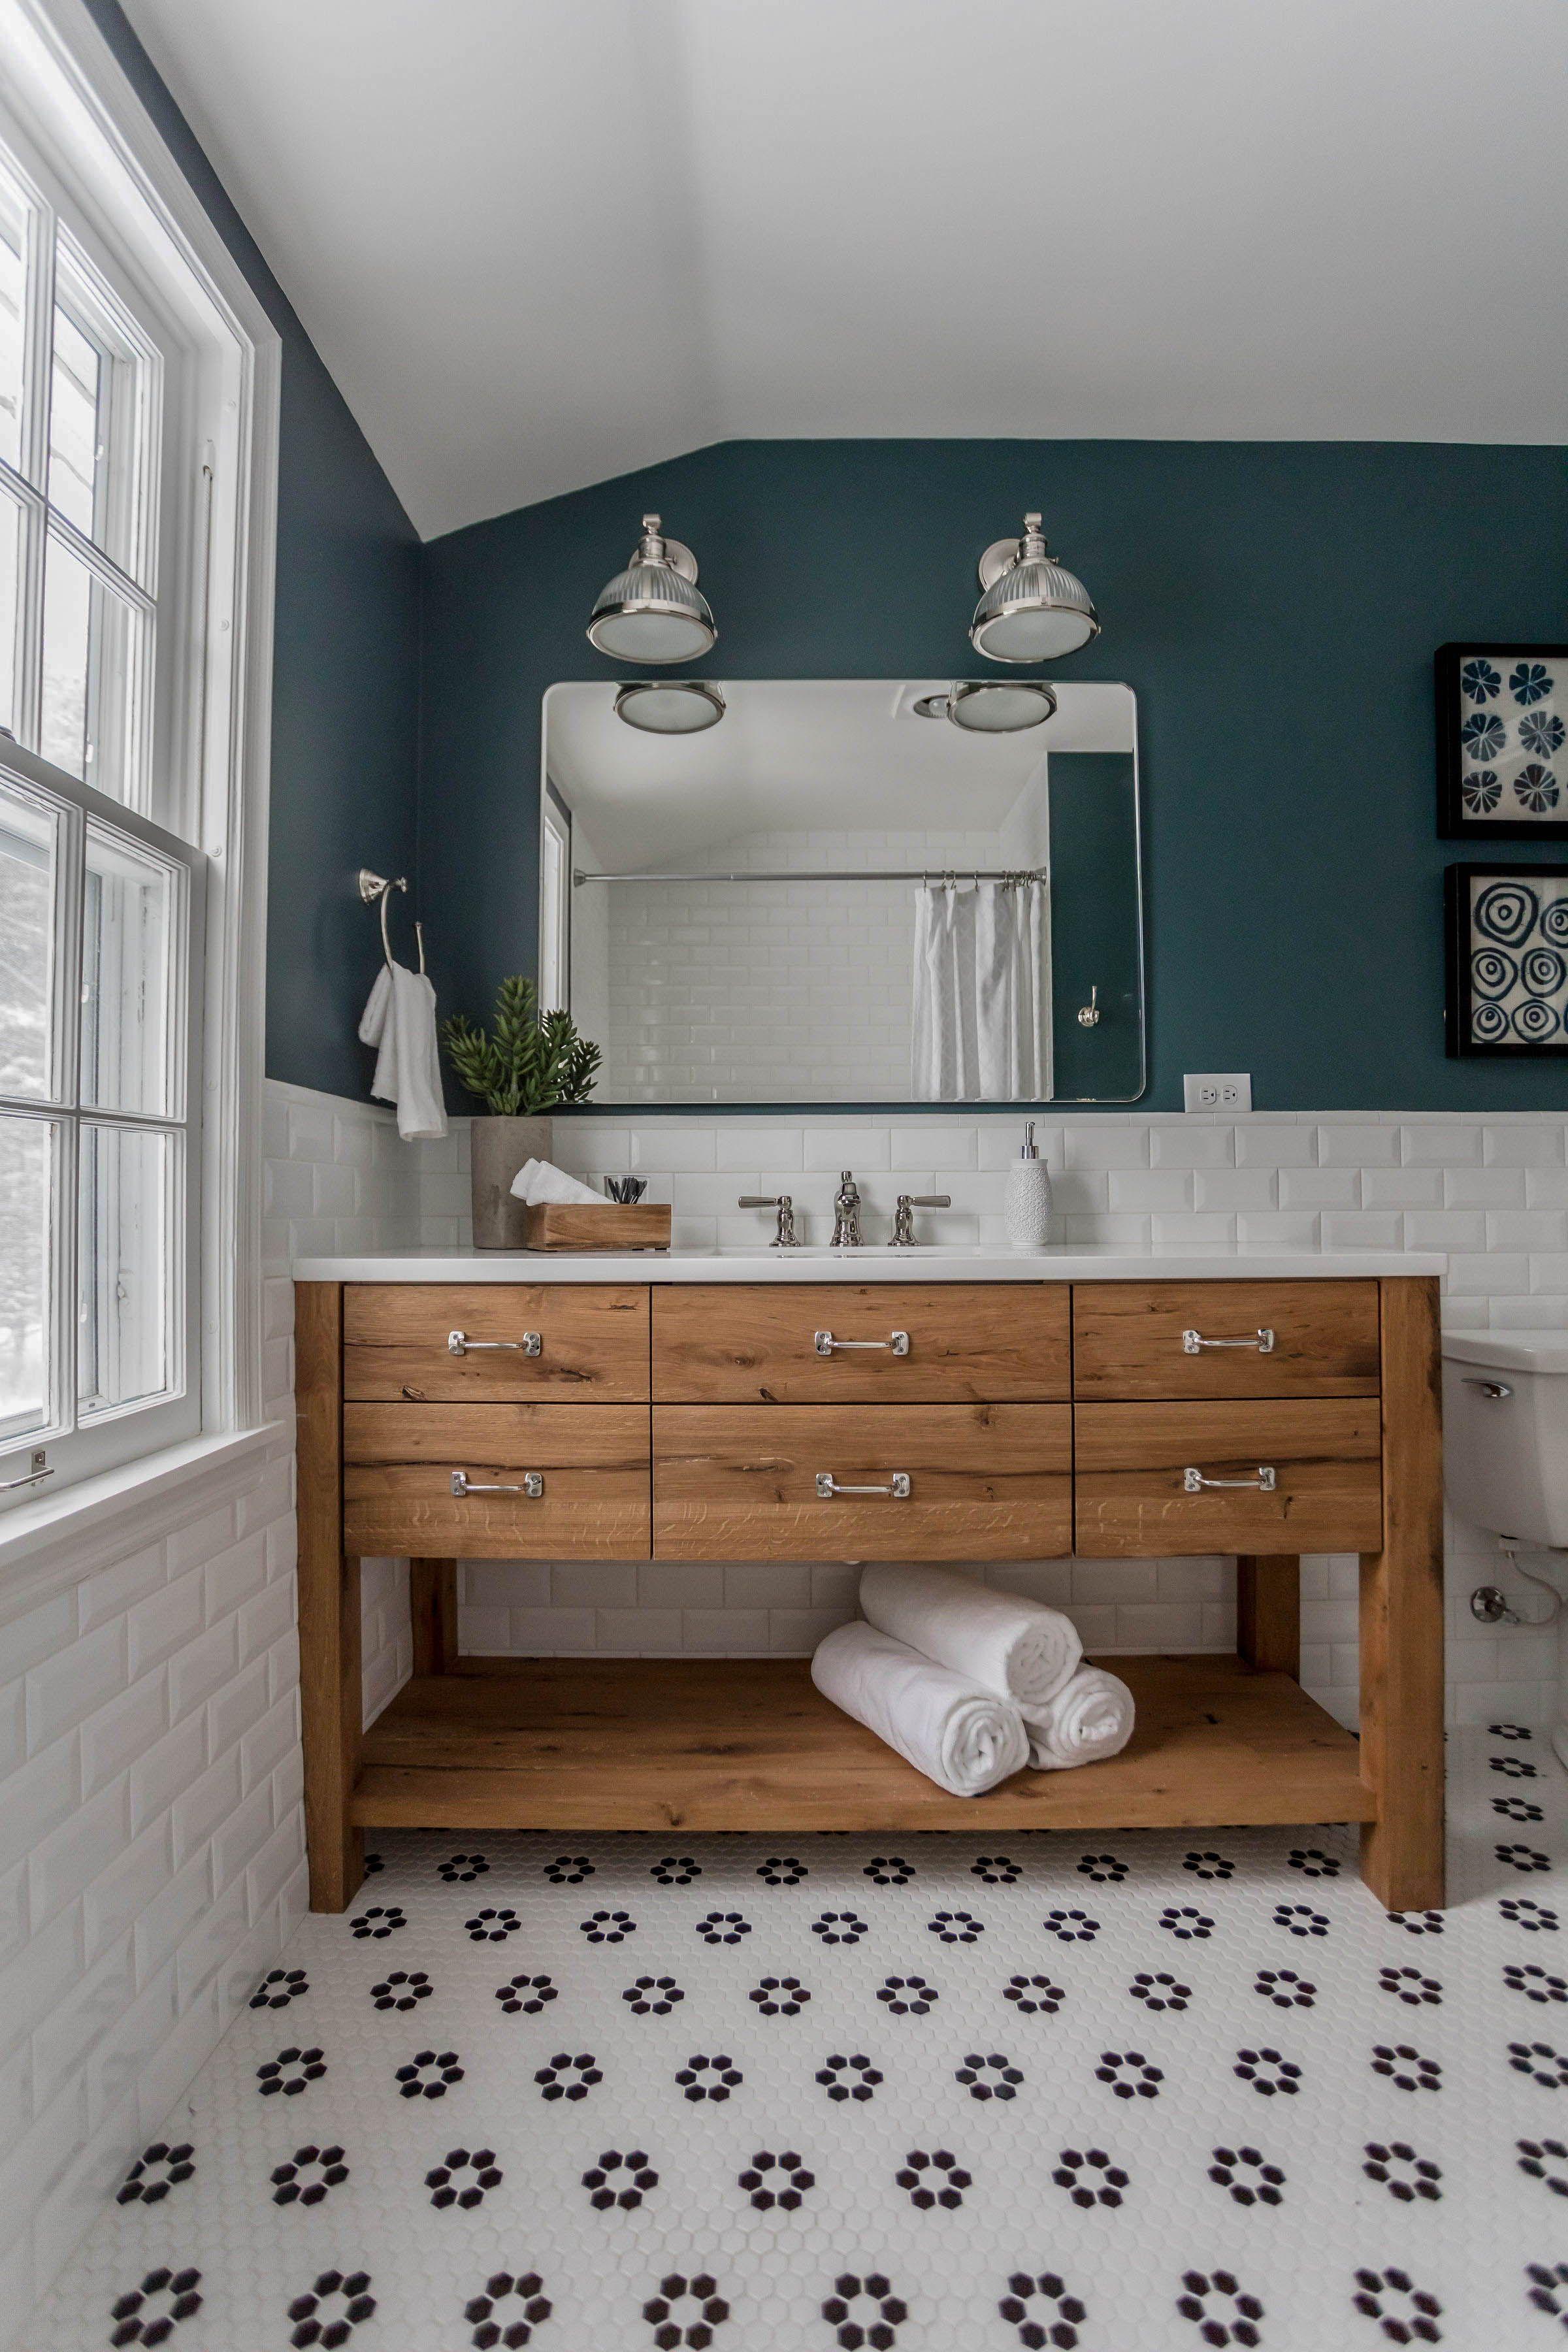 Reclaimed Wood Vanity Black And White Tile Subway Tile Dark Green Bathroom Walls Jkath D Dark Green Bathrooms Black And White Bathroom Floor Green Bathroom